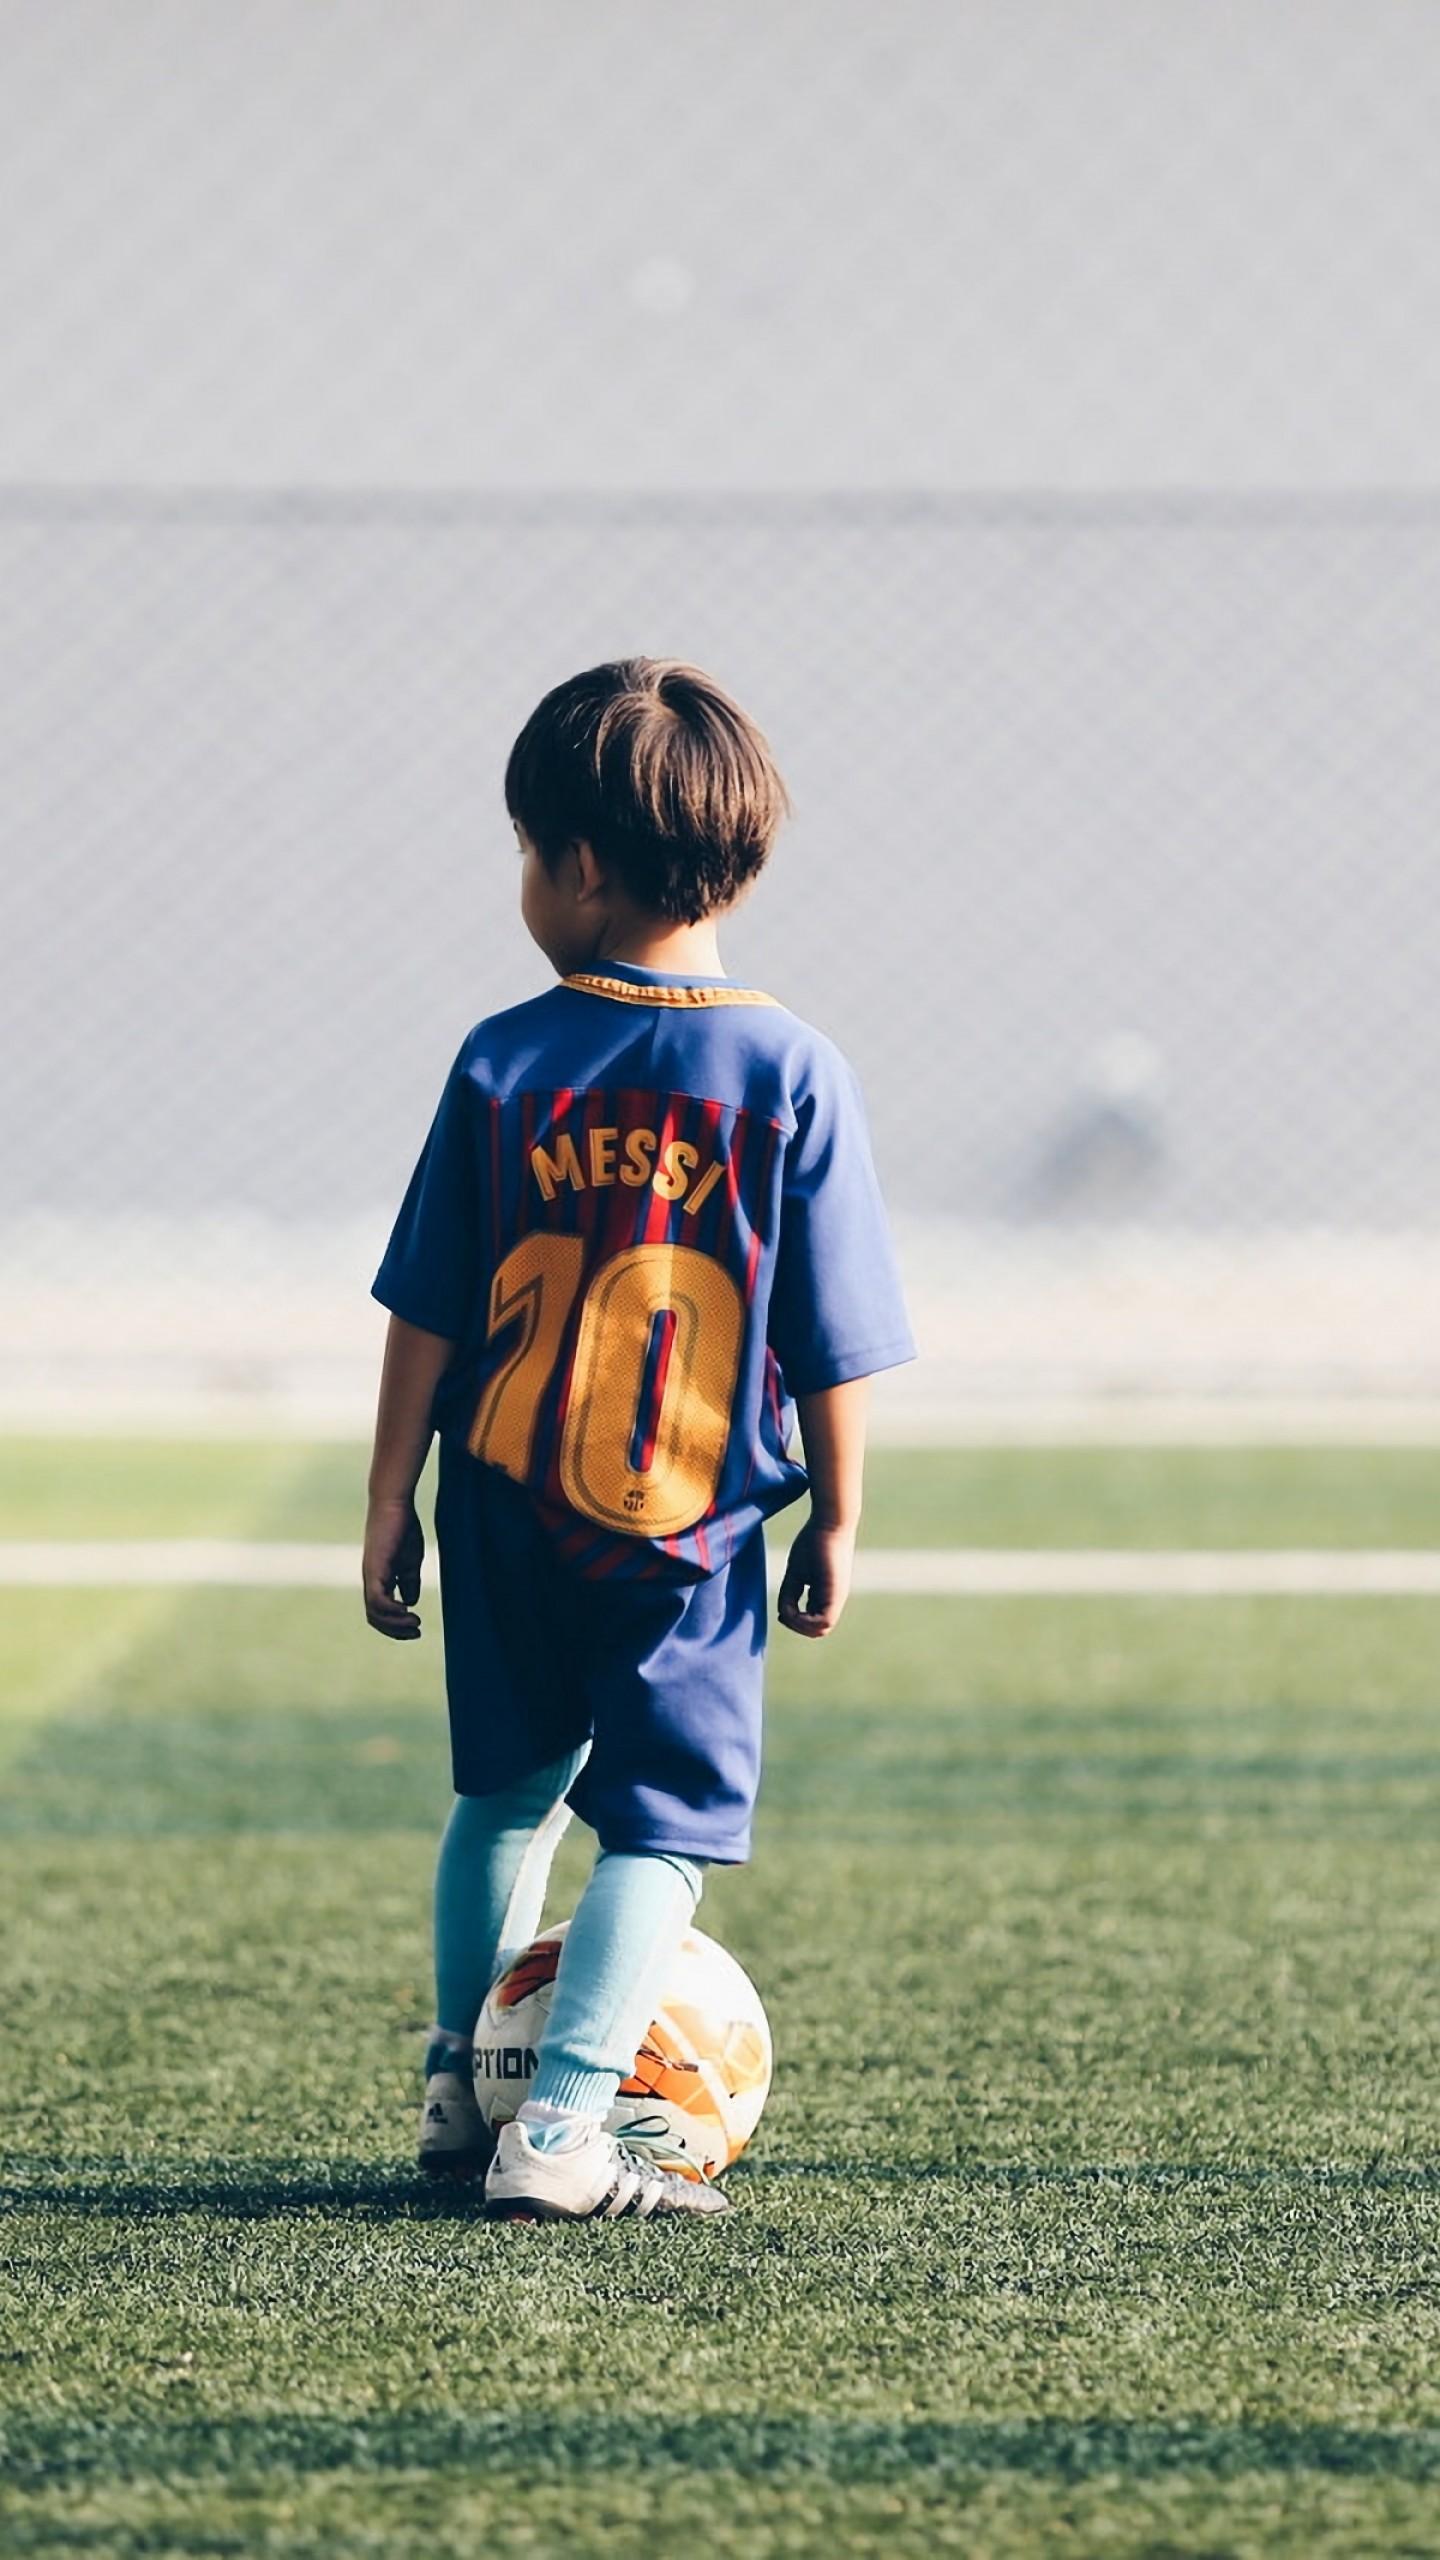 Wallpaper Soccer, child, 4K, Sport #19408